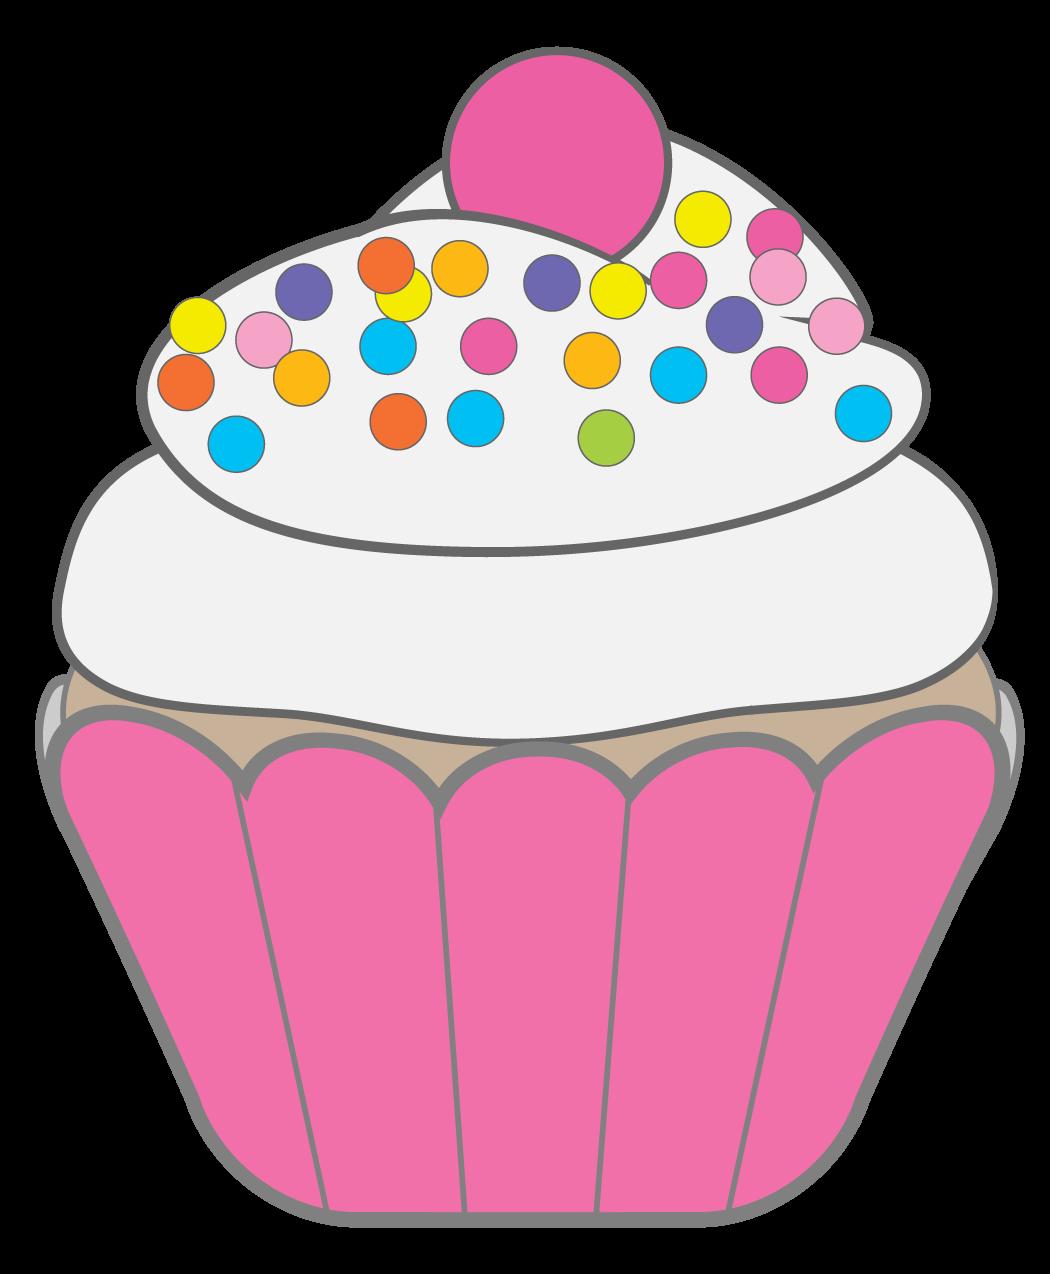 Clipart Info - Cute Muffin PNG